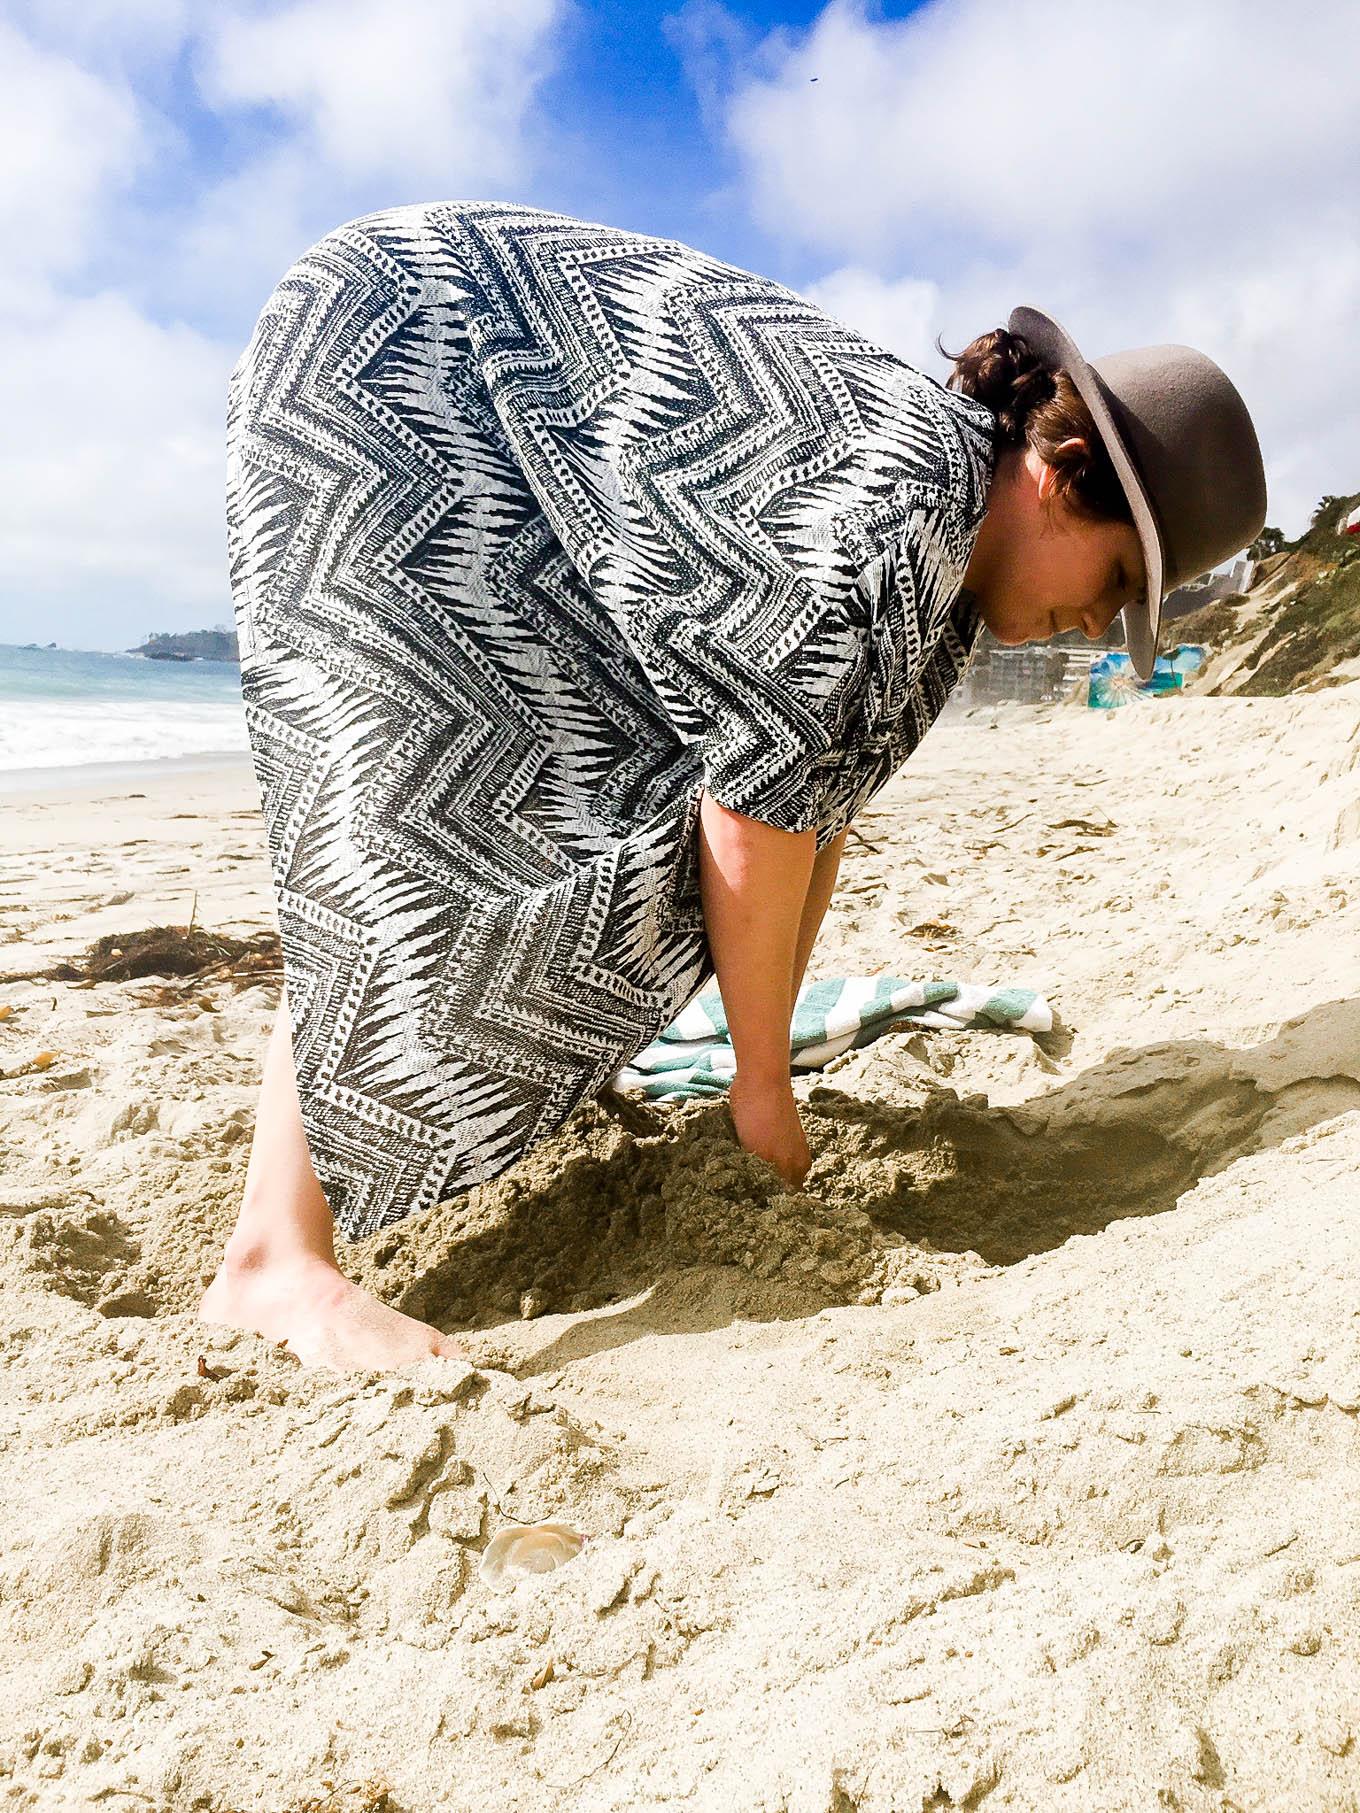 laguna beach 2016   immaEATthat.com